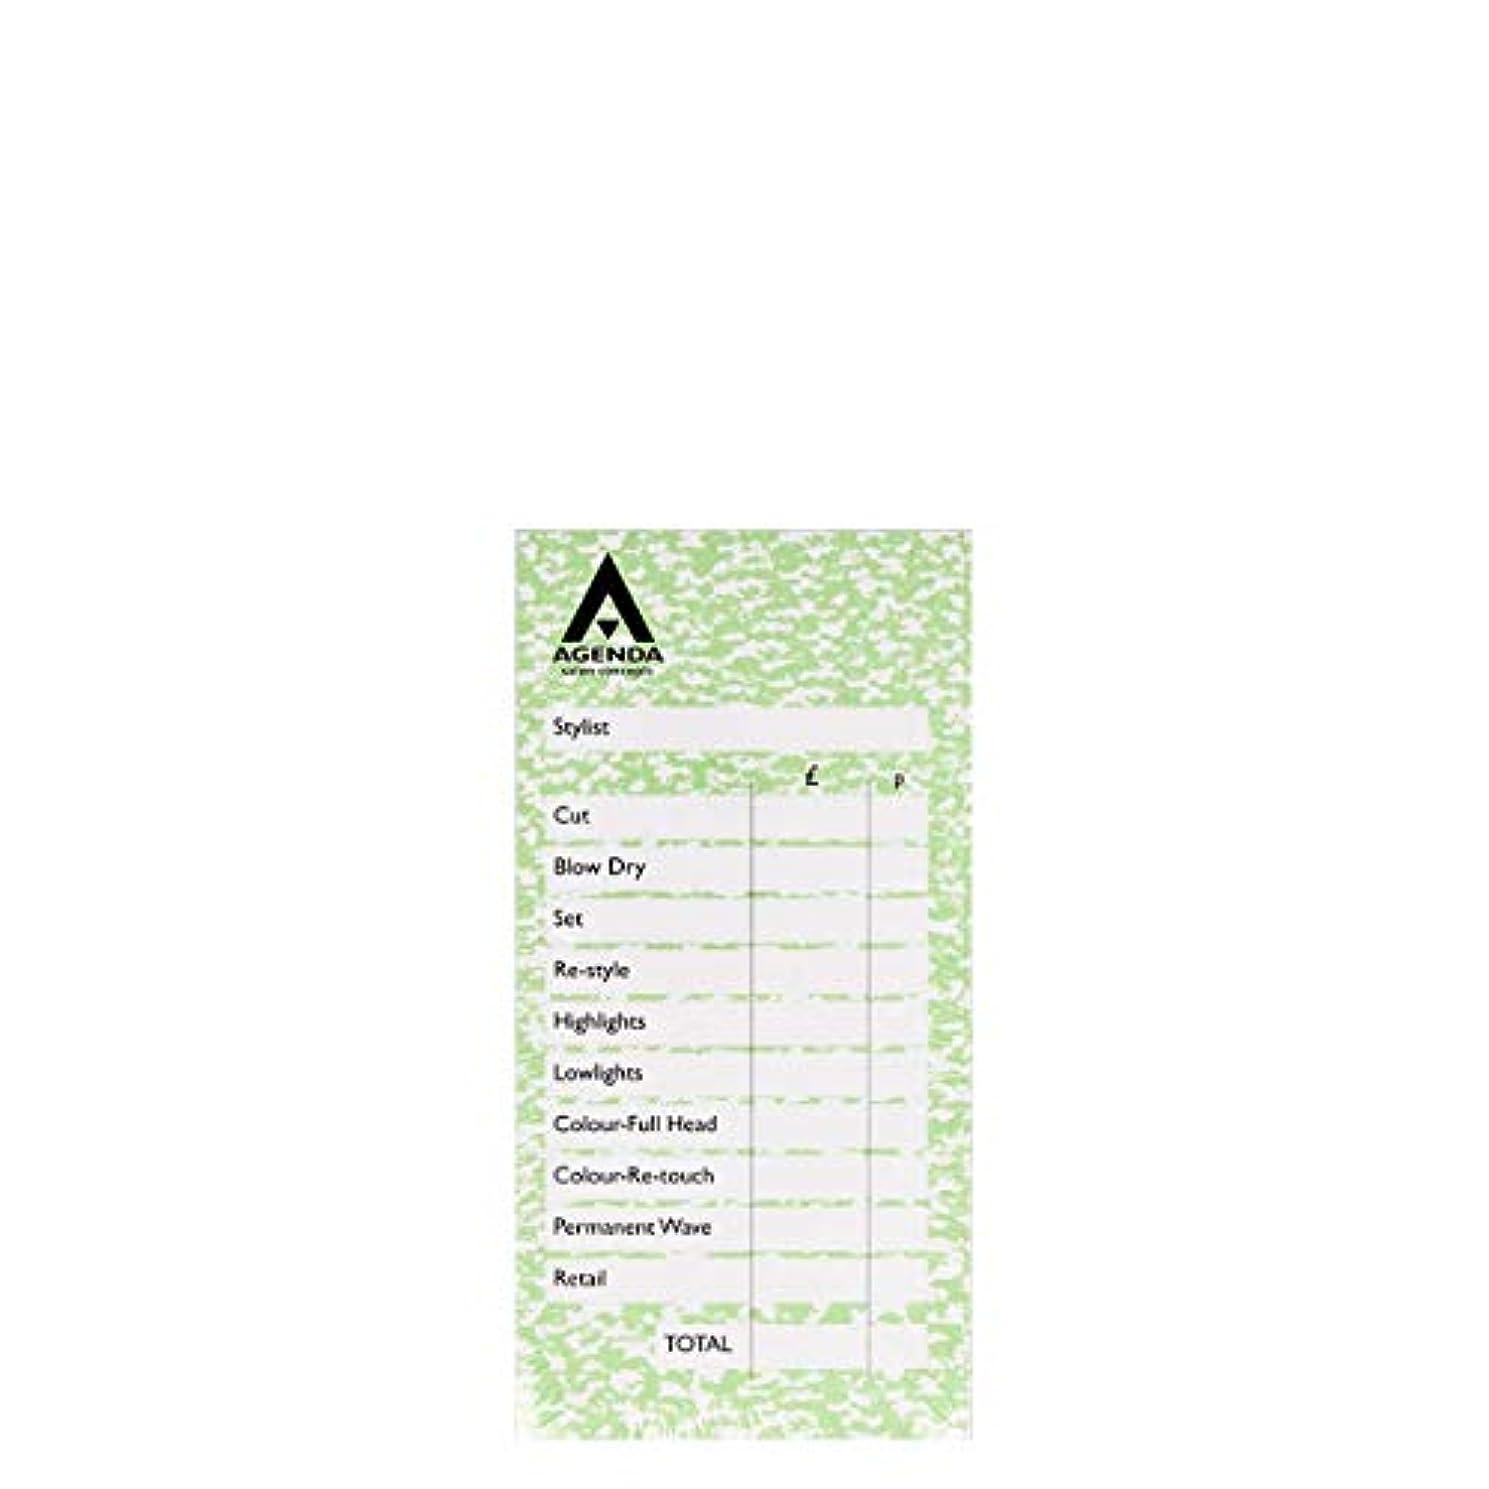 チーム要求するローブアジェンダ サロンコンセプト チェックパッドグリーン6x100リーフ[海外直送品] [並行輸入品]